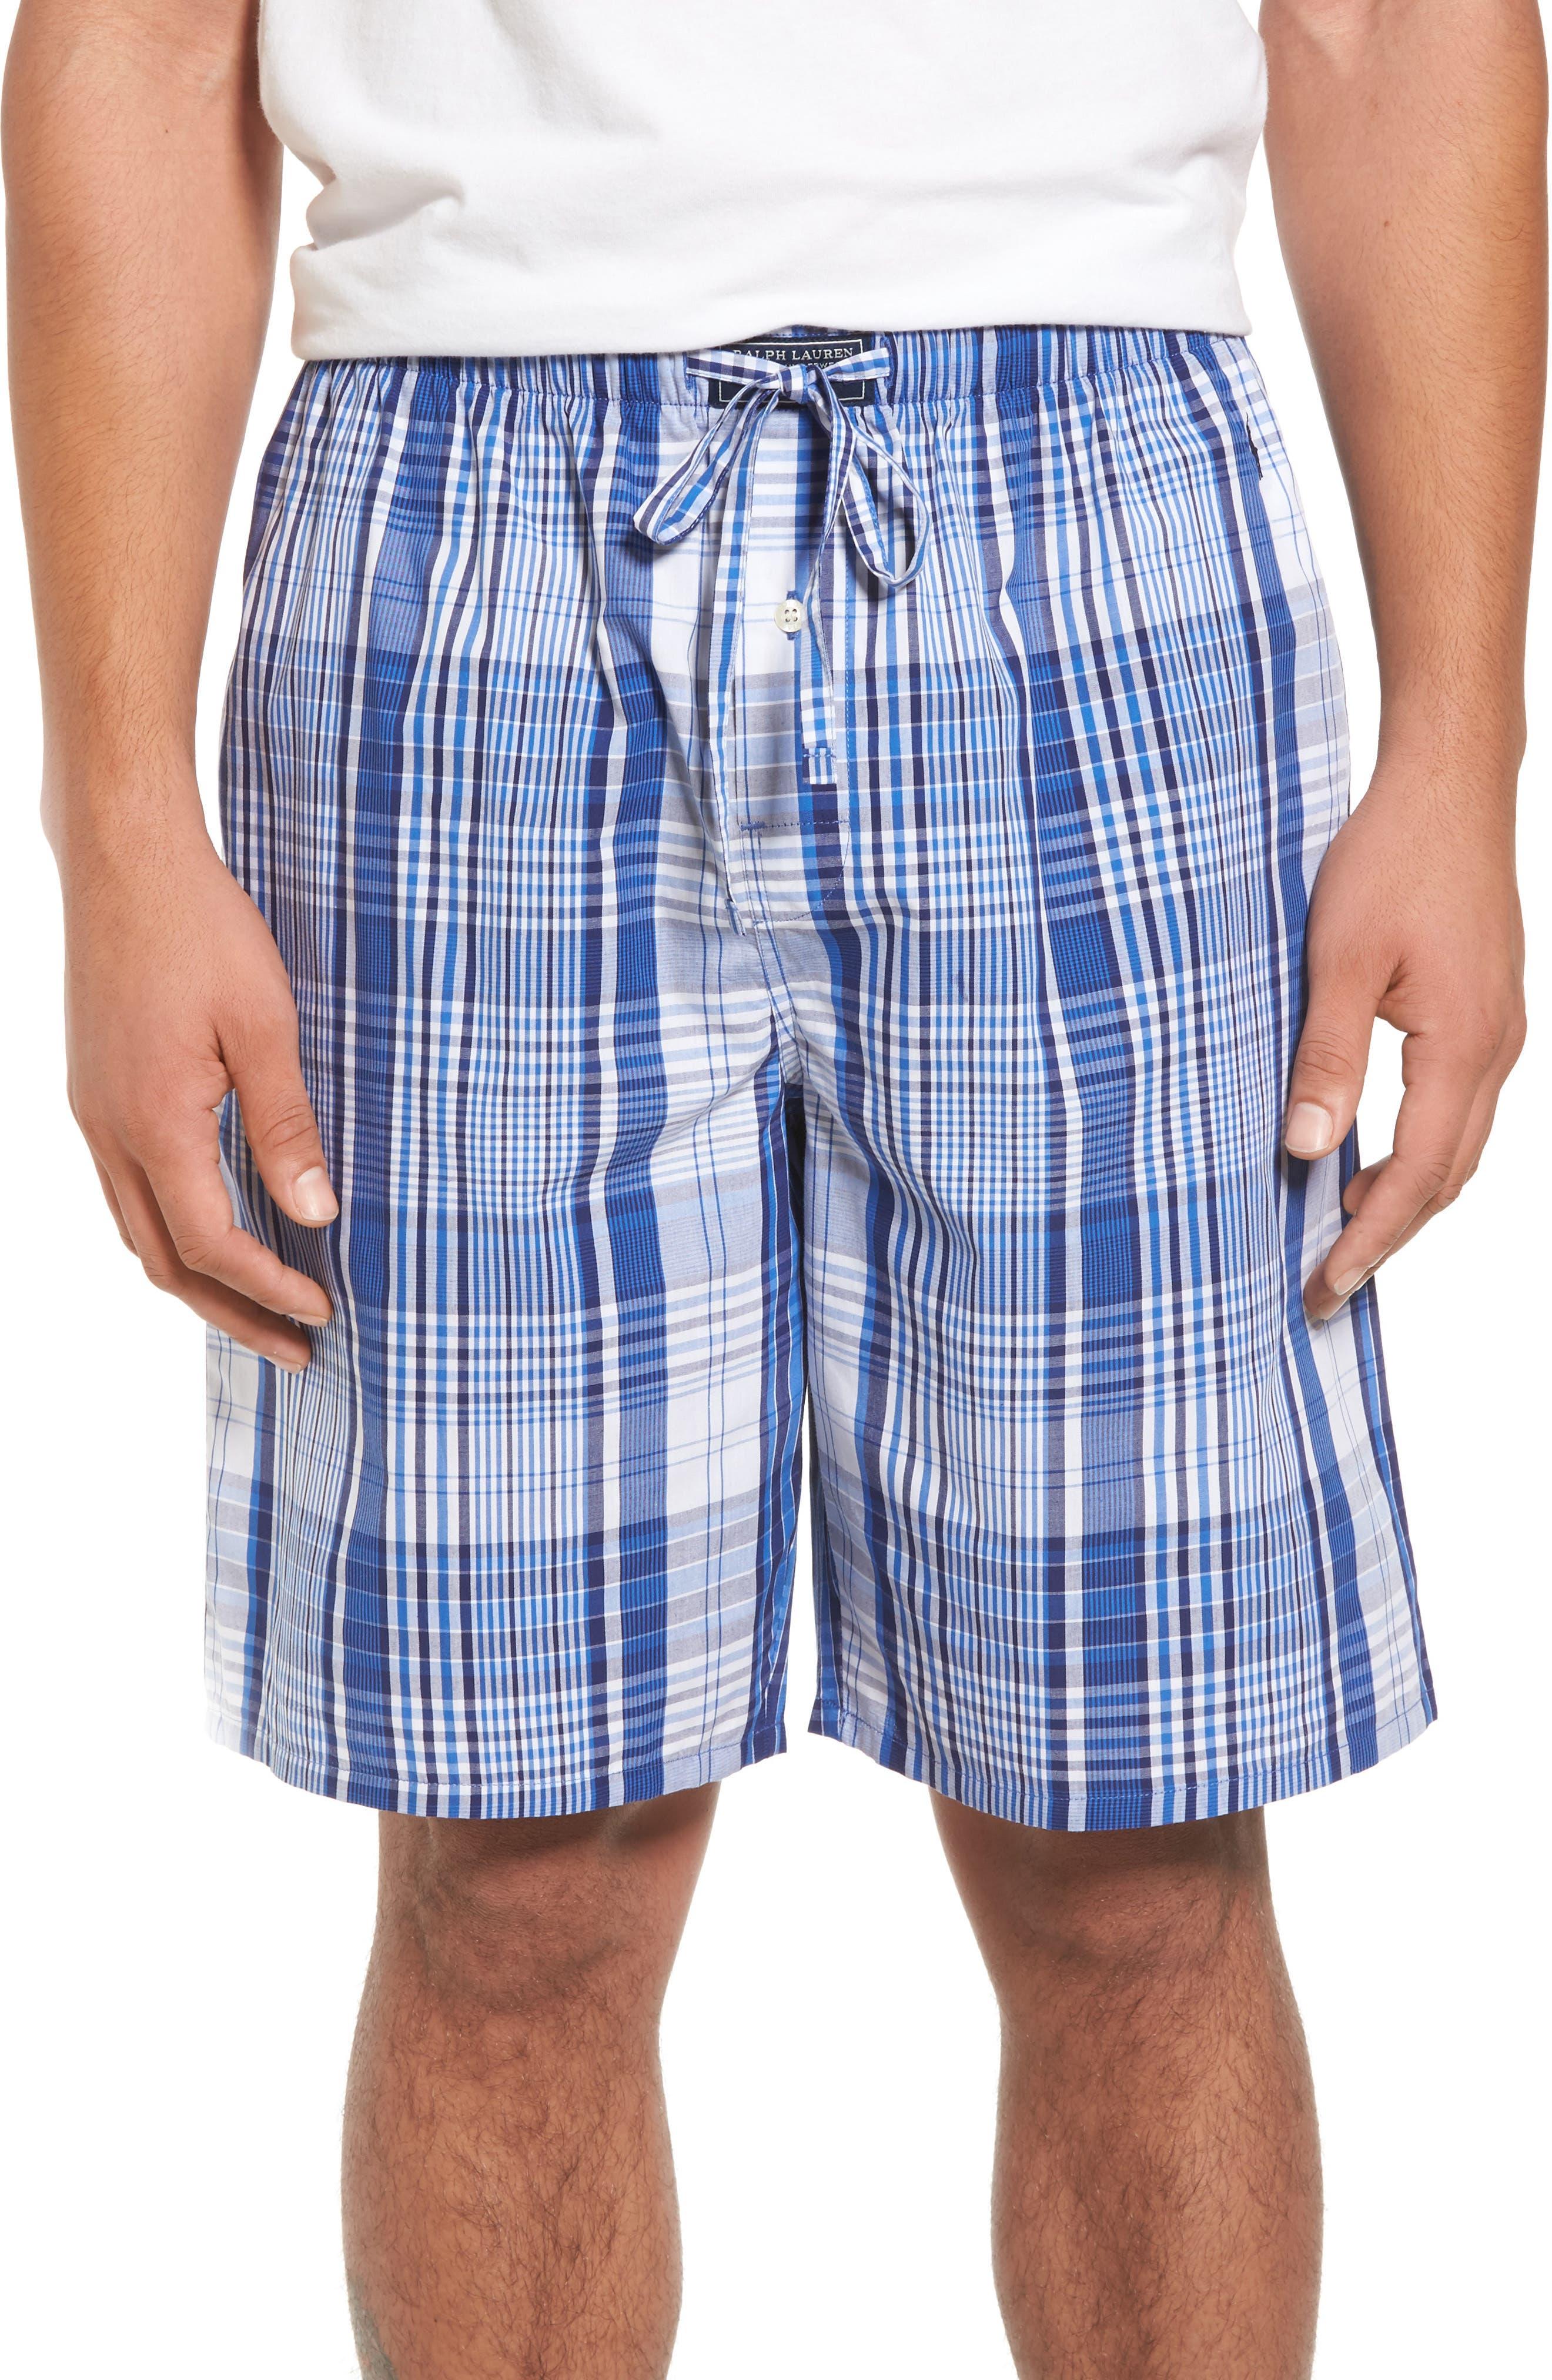 Cotton Pajama Shorts,                             Main thumbnail 1, color,                             406